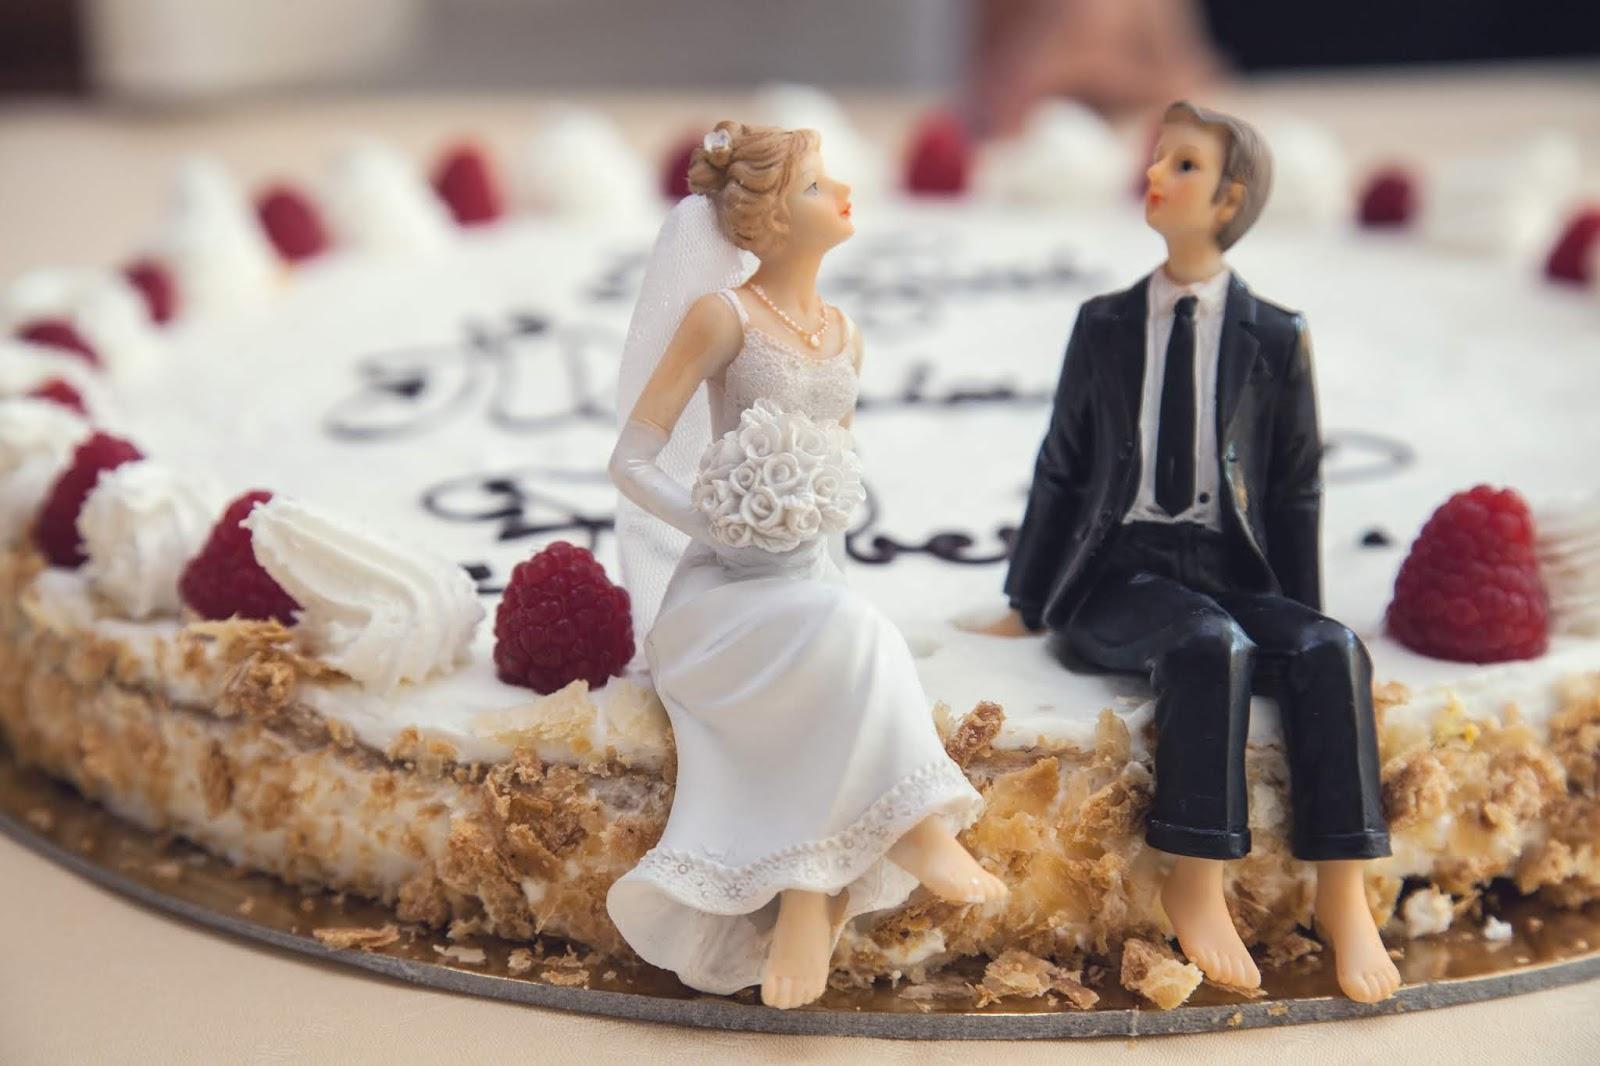 سر السعادة الزوجية، السعادة الزوجية,سر السعادة الزوجية,الزوجية,السعادة,السعادة مع الزوج,الحياة الزوجية,الزواج,السعاده الزوجيه,السعادة الزوجية والجنس,السعادة الزوجية الحقيقية,الاسرار الزوجية,أسرار السعادة,الأسرة,الزوجة,العلاقات,الزوج,زوجية,طرق السعادة الزوجية